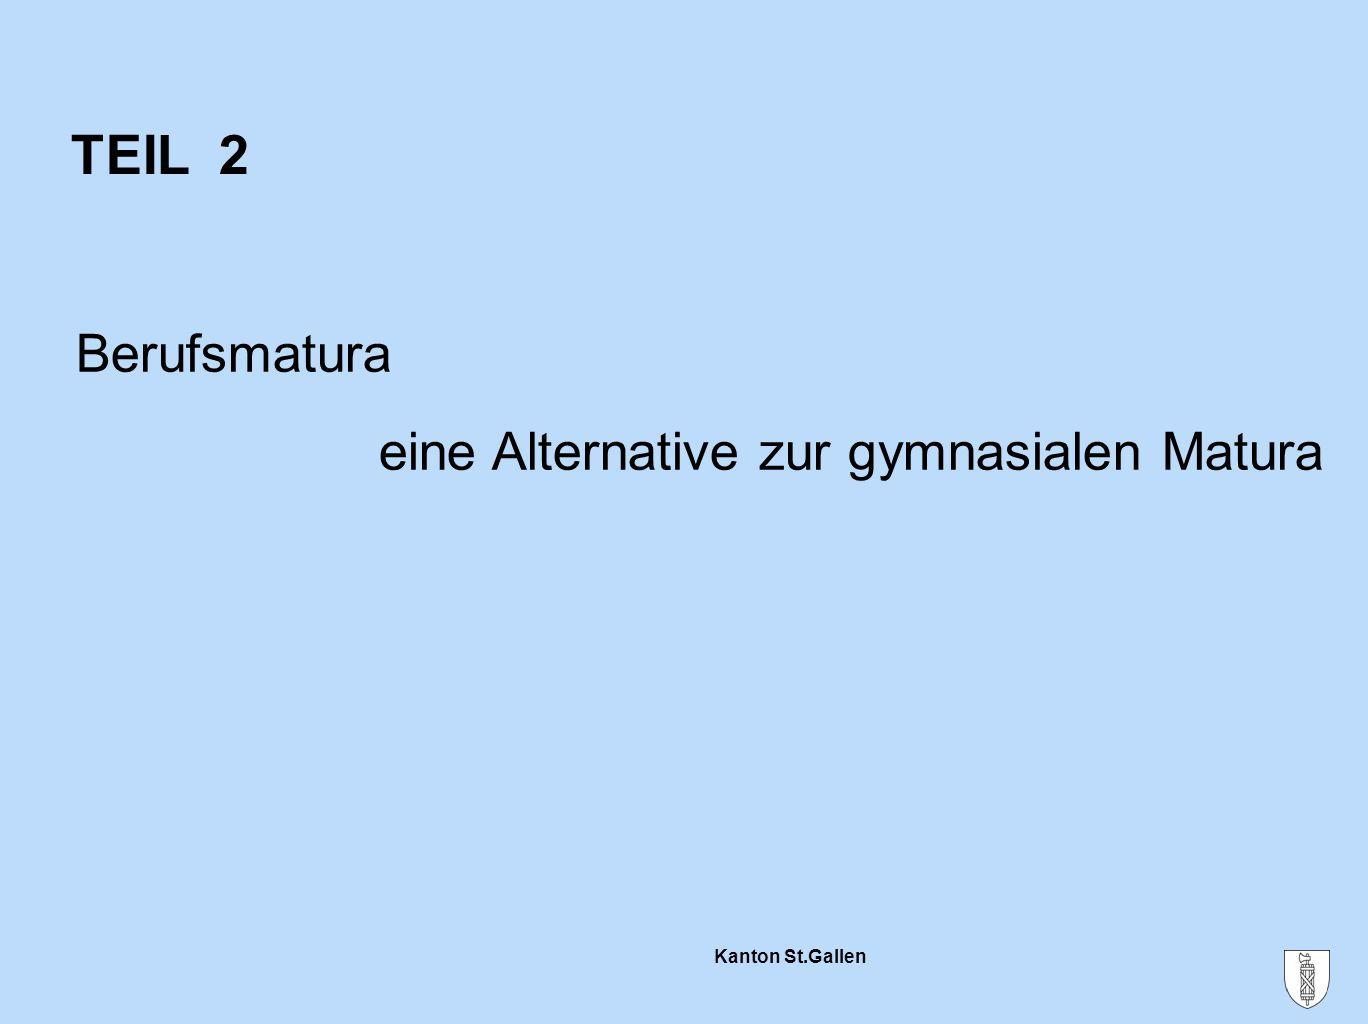 Kanton St.Gallen TEIL 2 Berufsmatura eine Alternative zur gymnasialen Matura